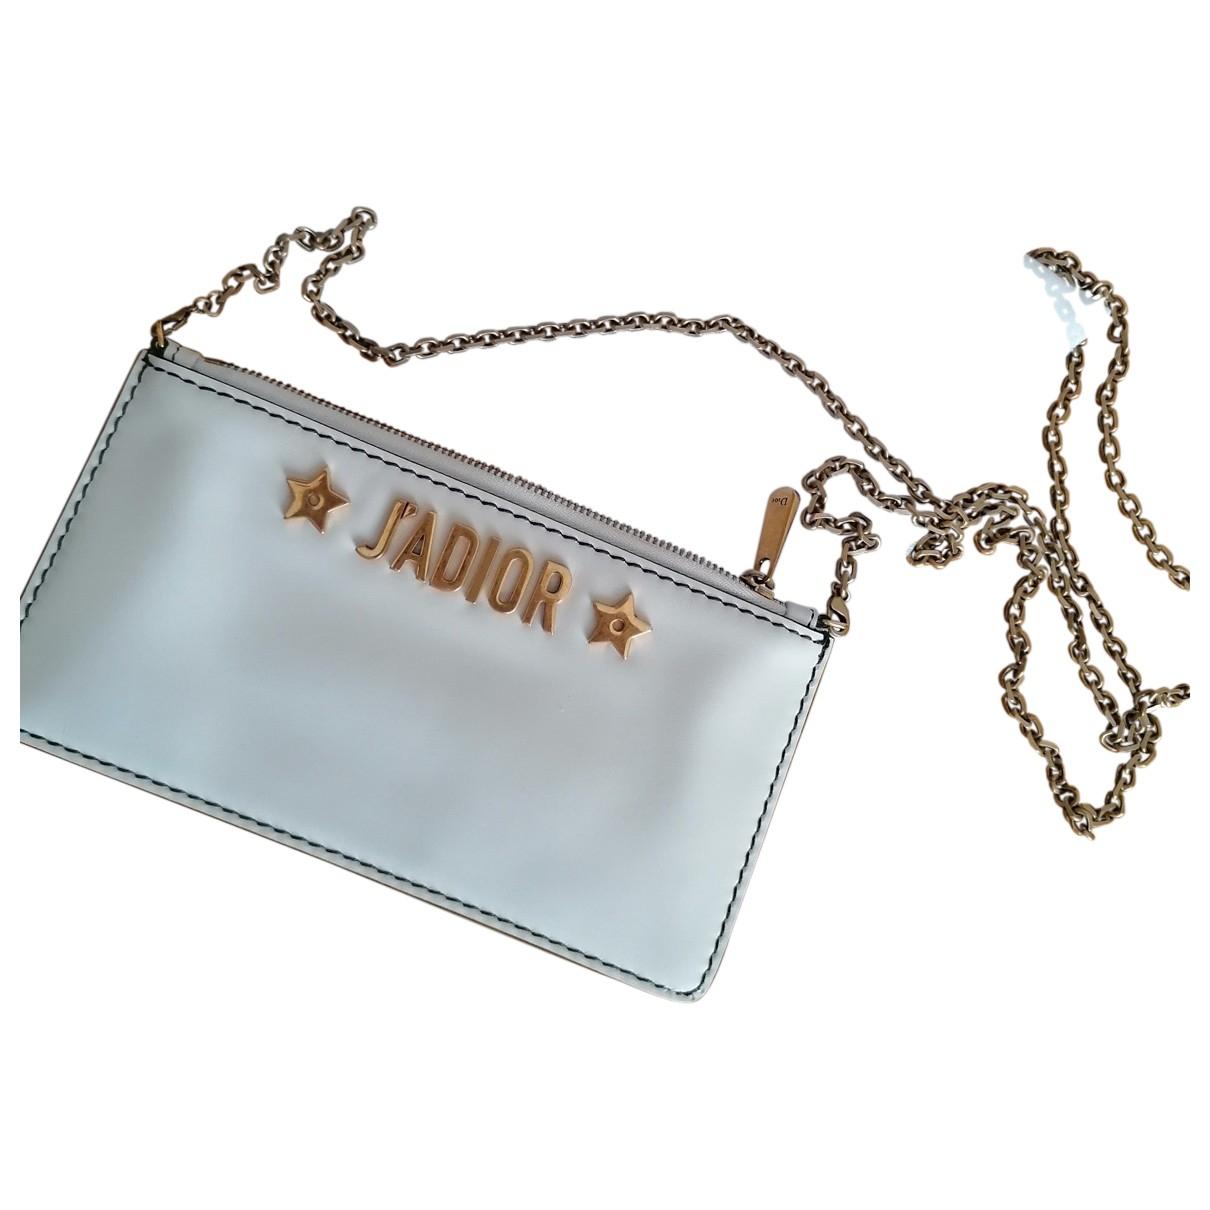 Dior J'adior Ecru Leather handbag for Women N